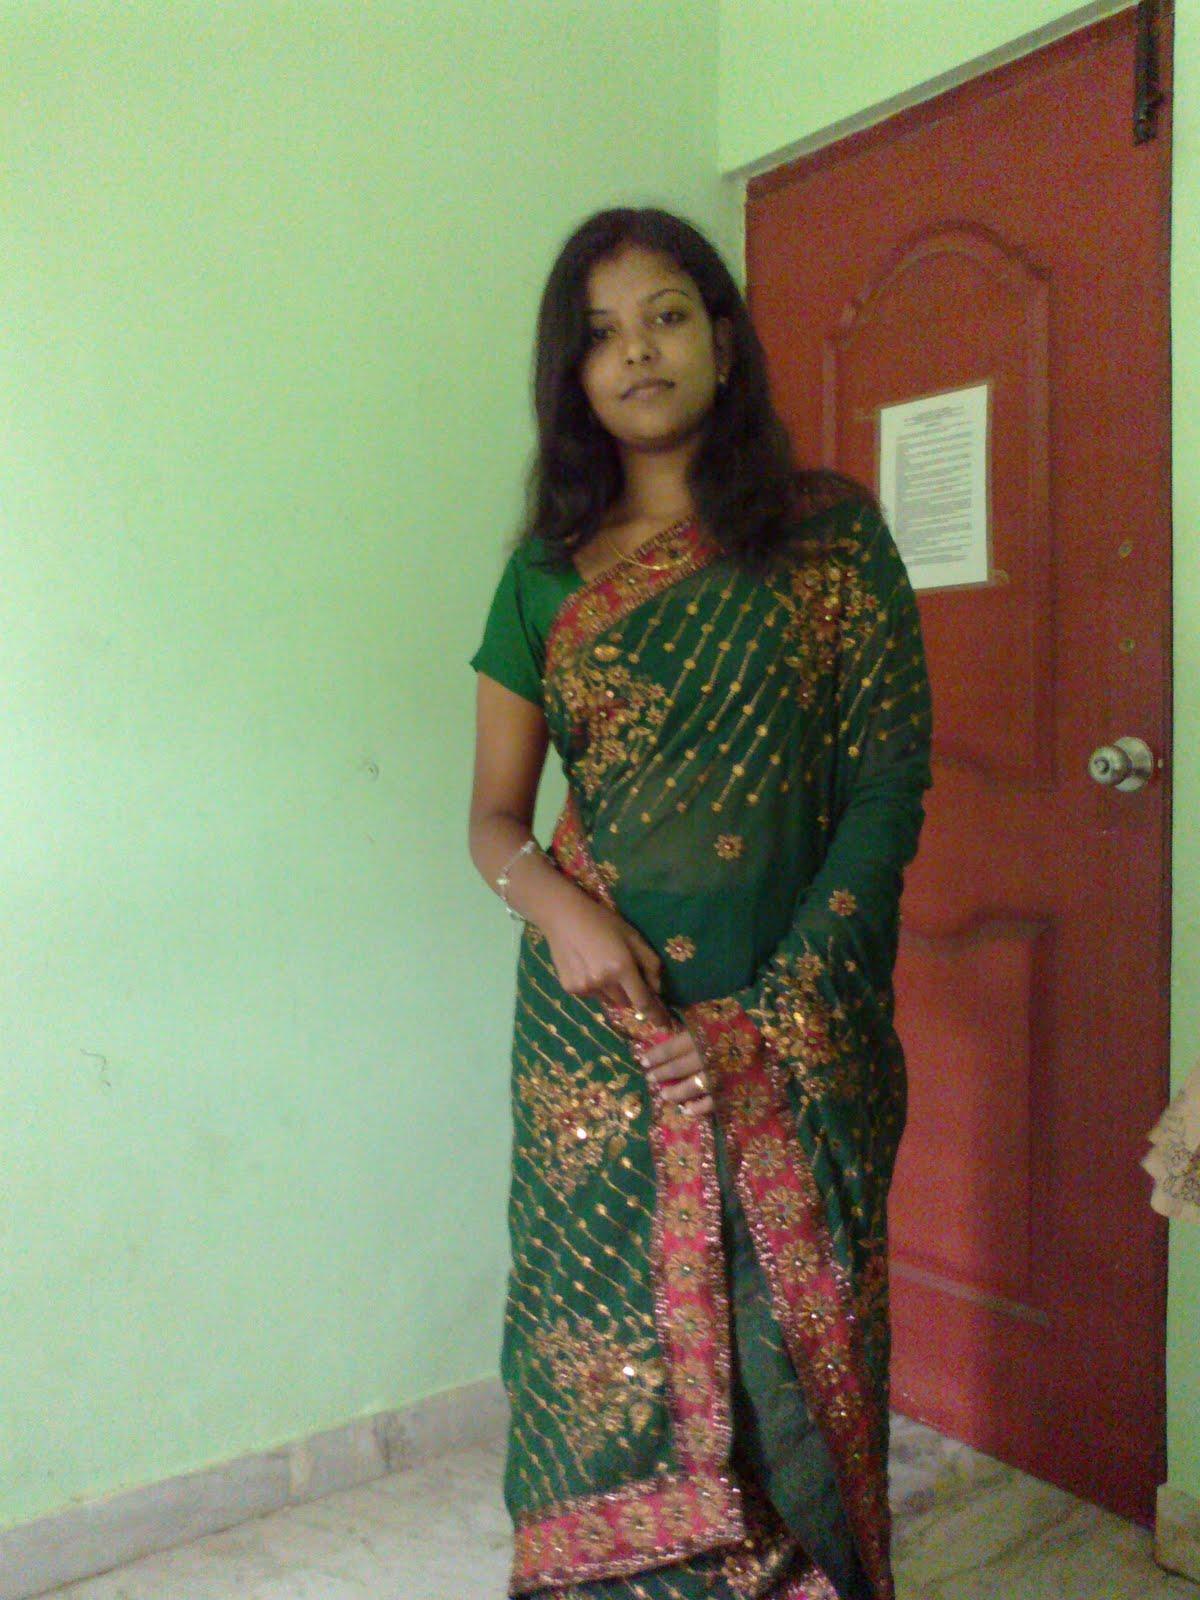 transparent saree indian girl